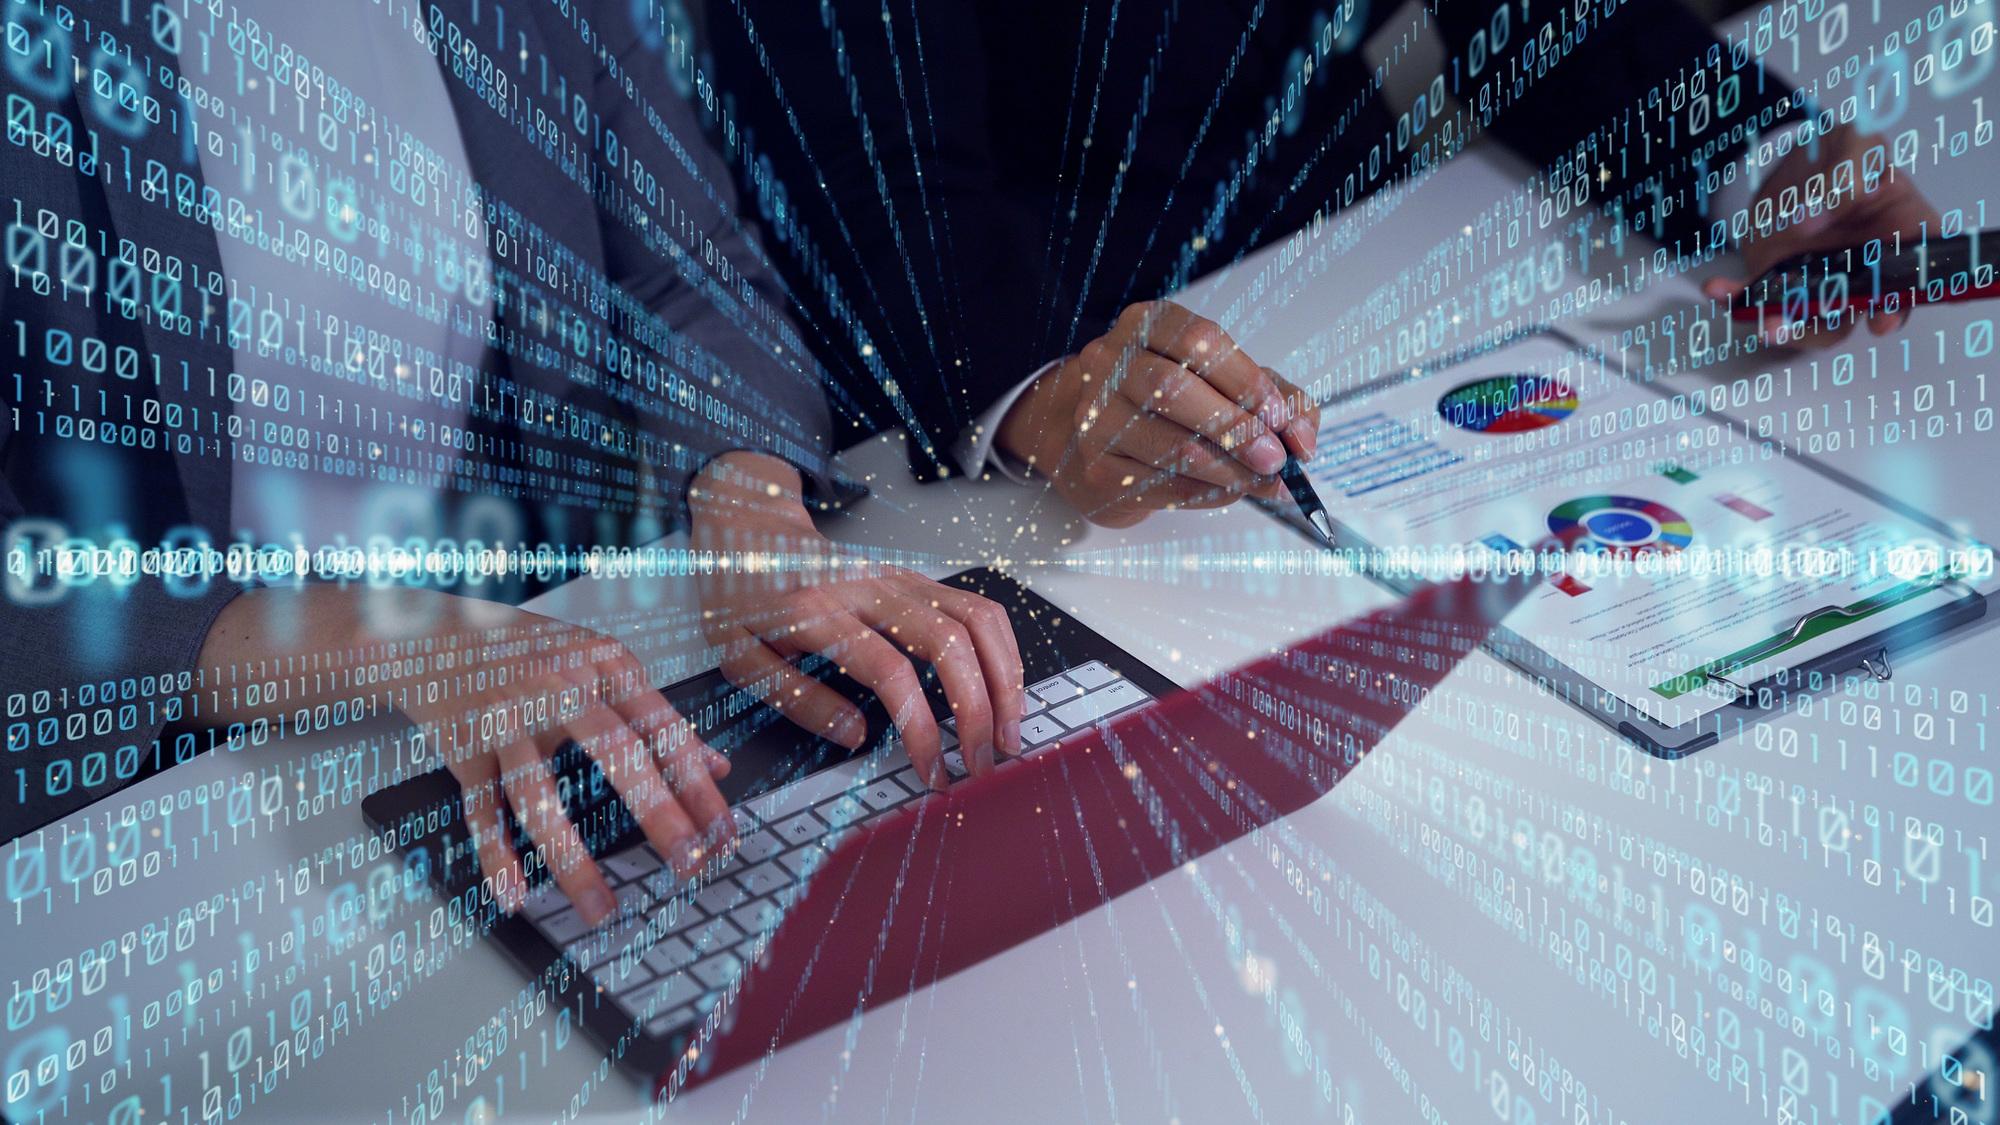 Pythonでの辞書の操作方法とは?基本的な使い方やソートの方法まで解説!サムネイル